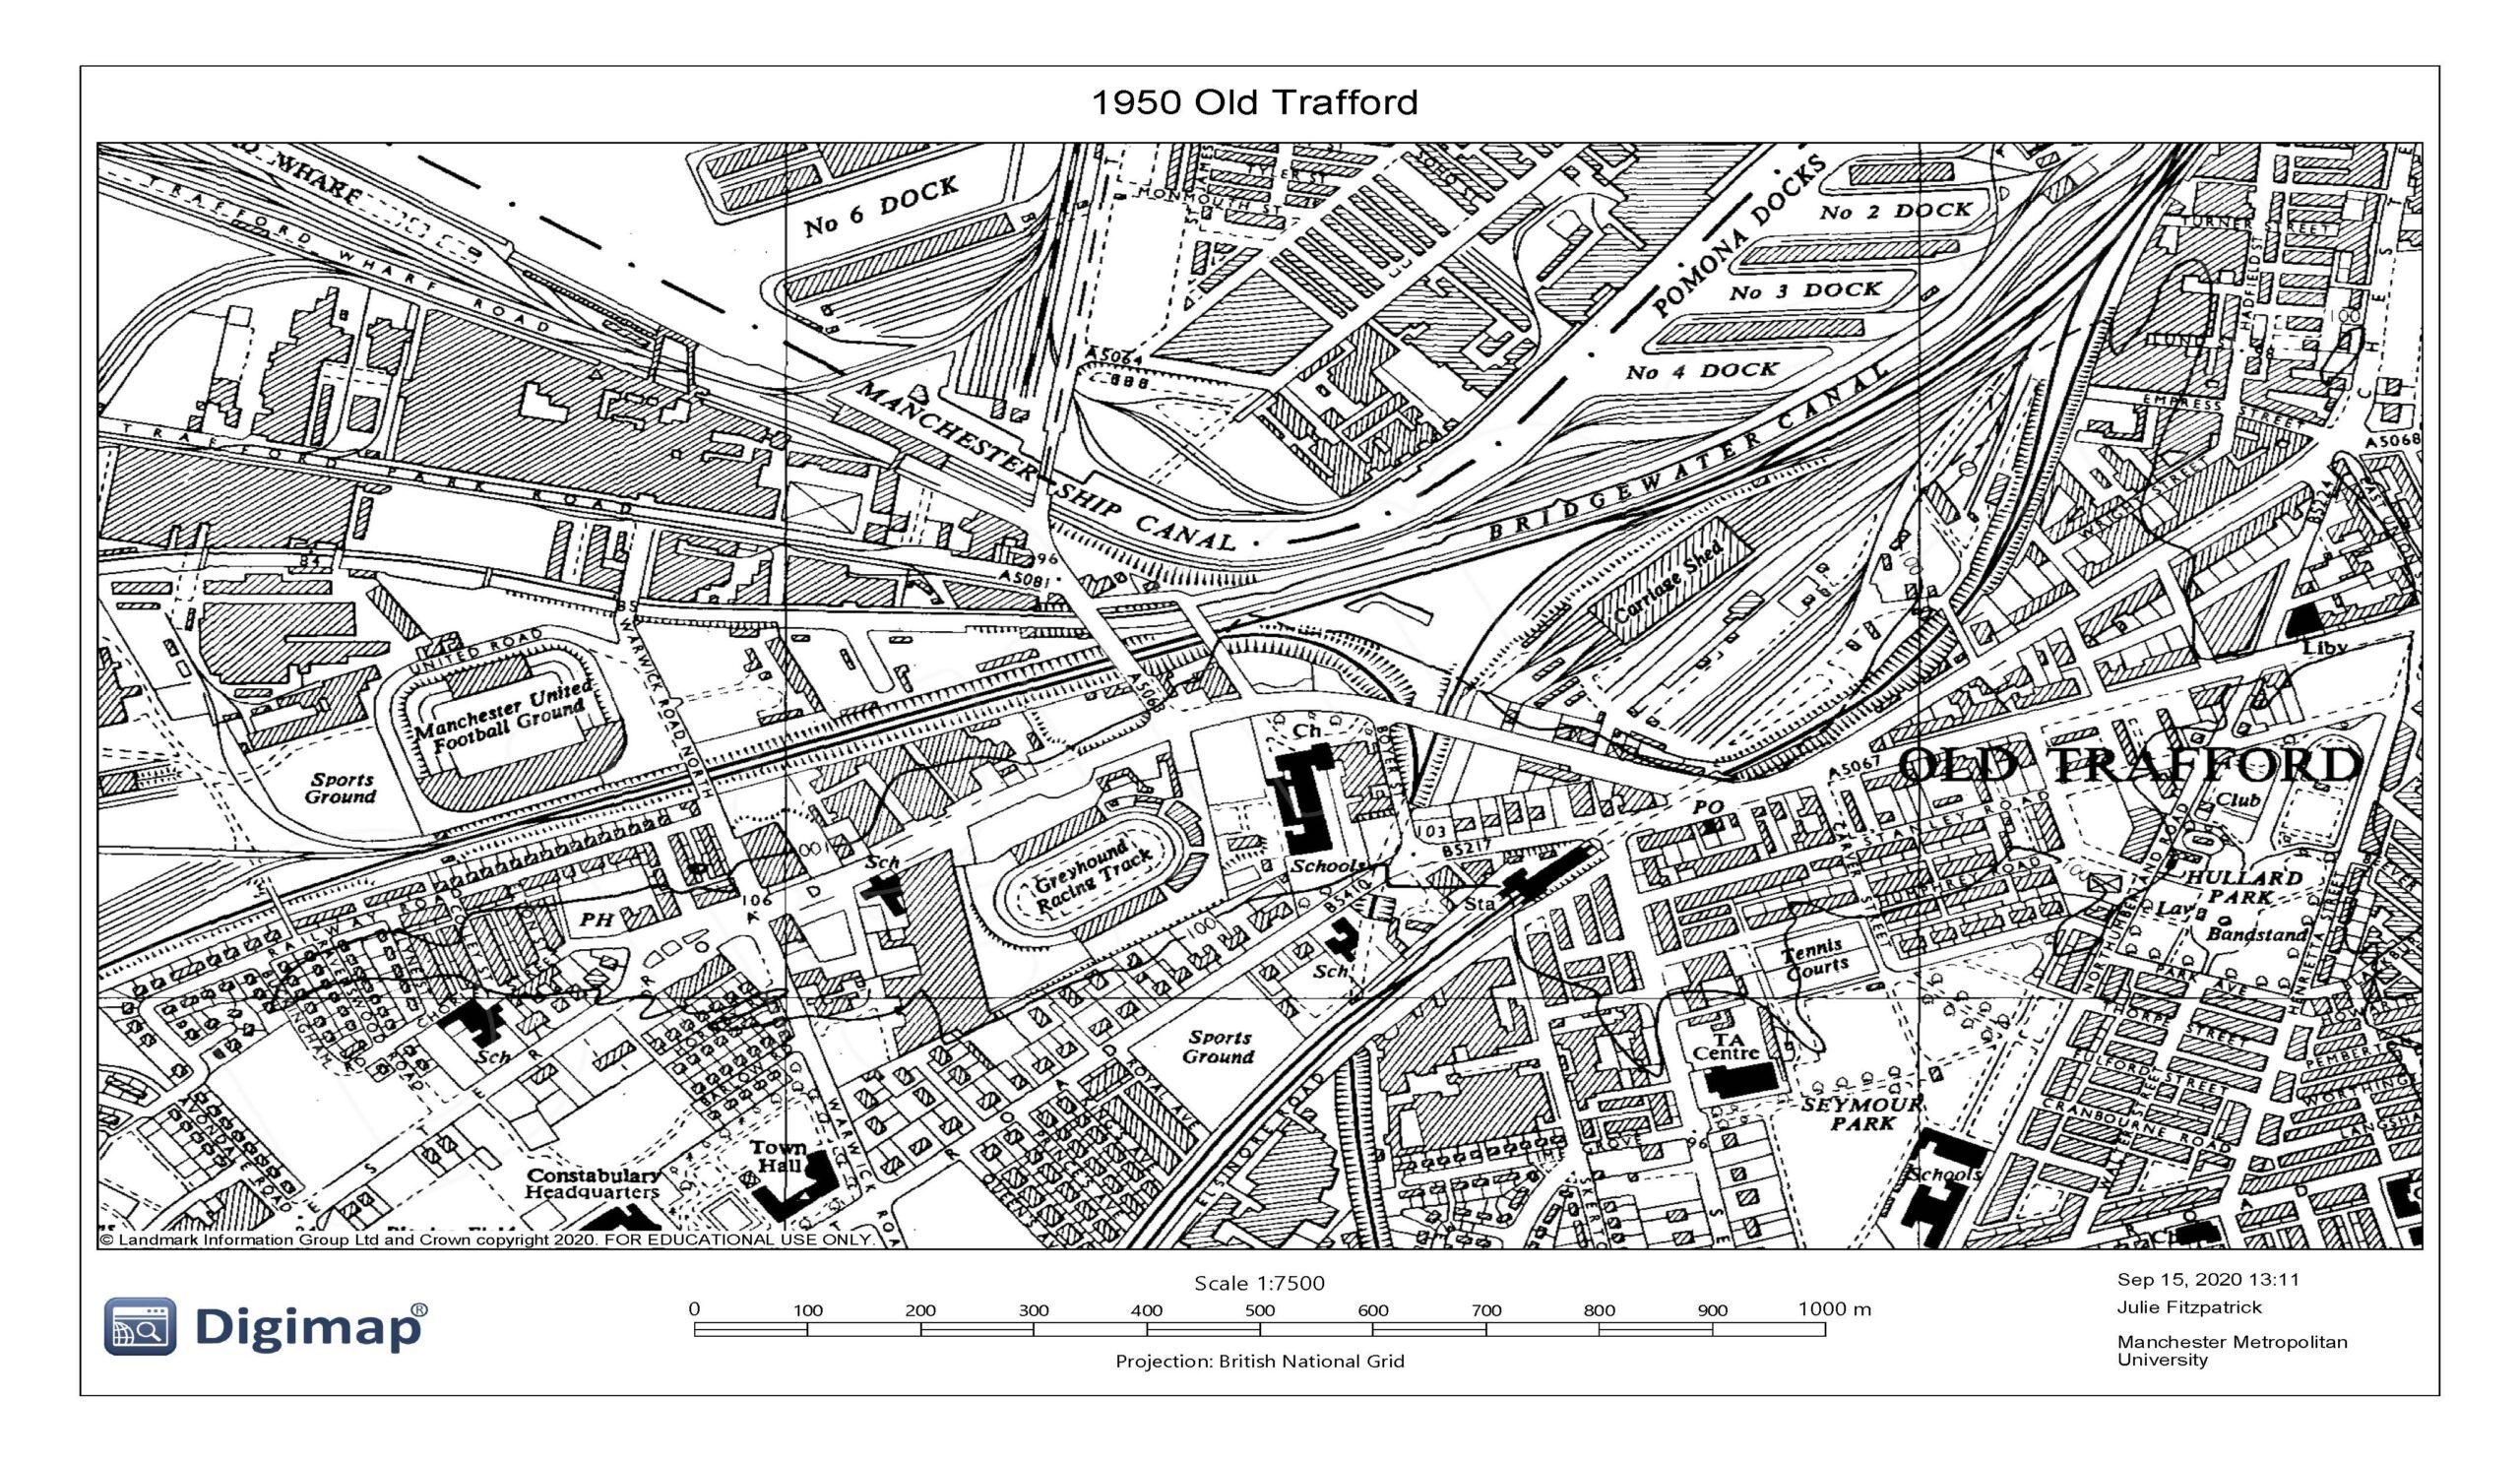 1950 Old Trafford